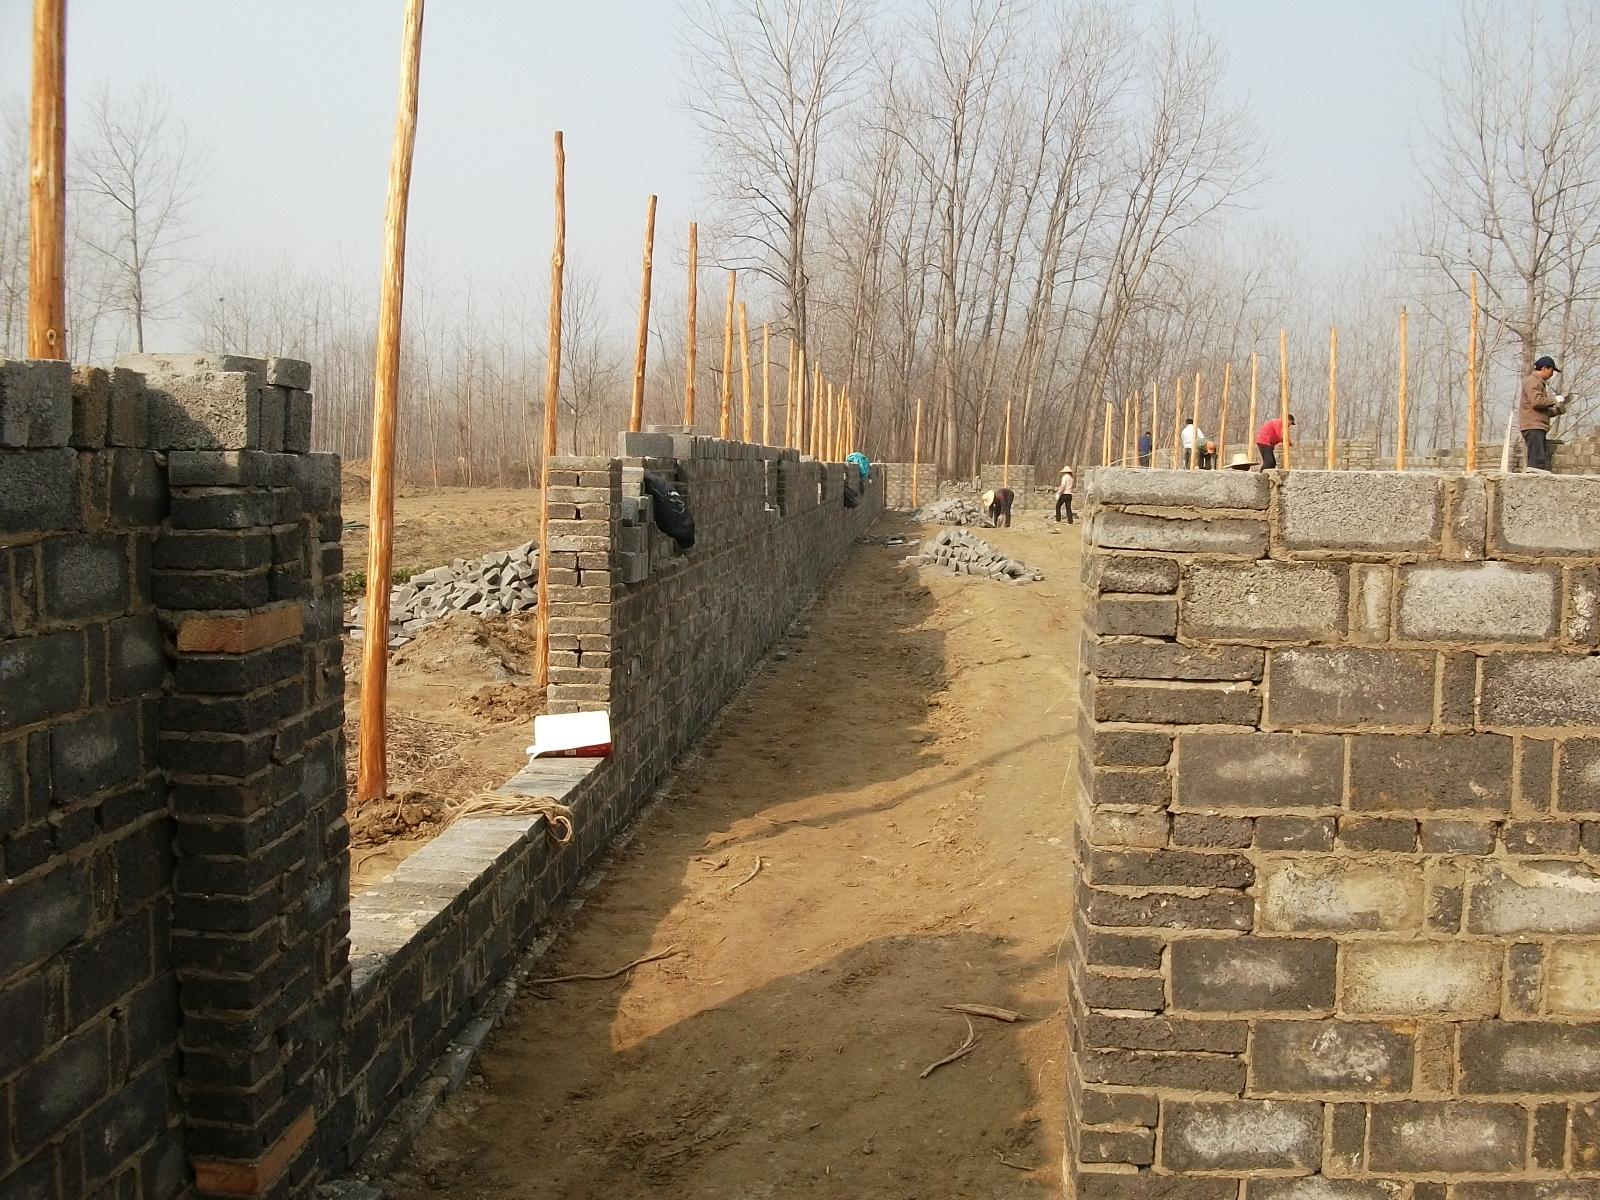 建设 鸡舍/2011/2/21 11:47 上传